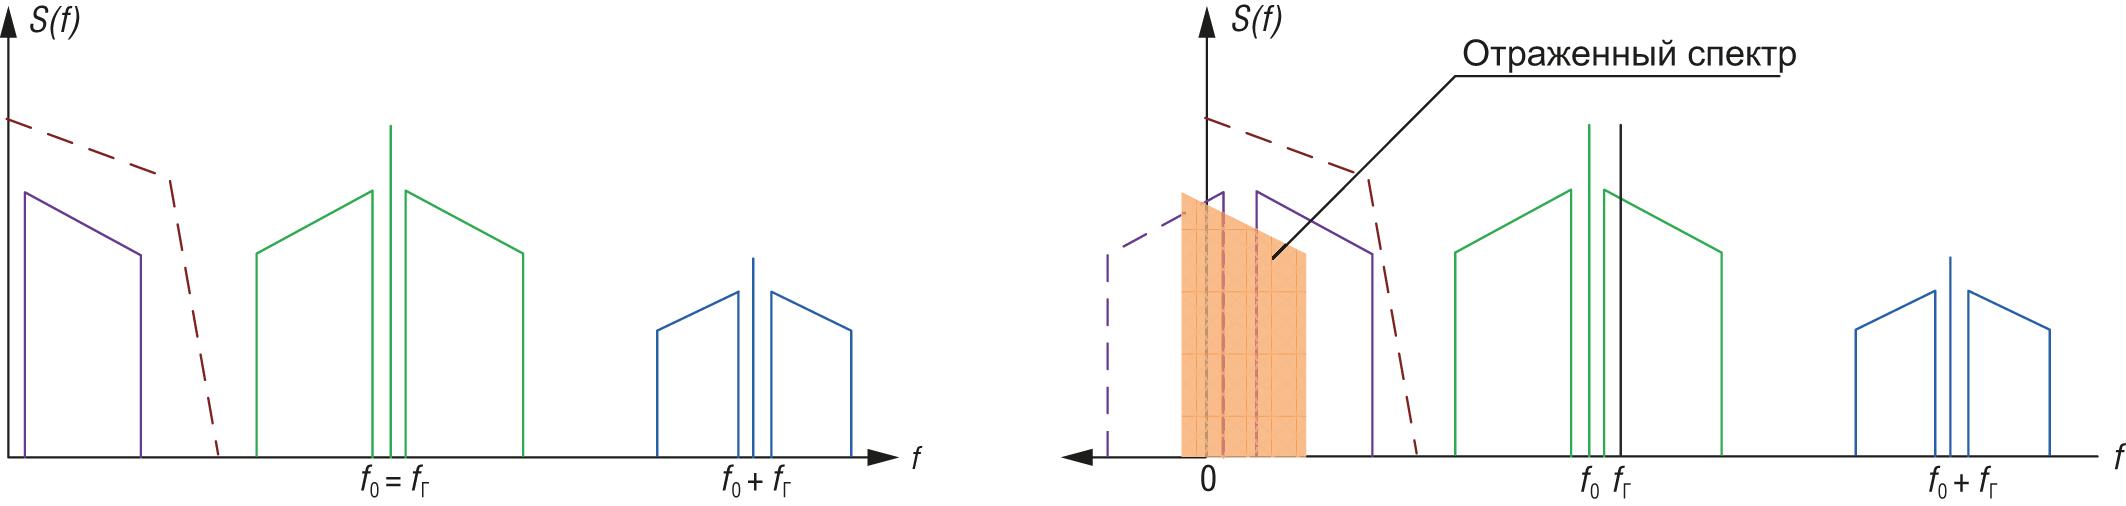 Спектр сигнала, формируемый на выходе смесителя приемника прямого преобразования